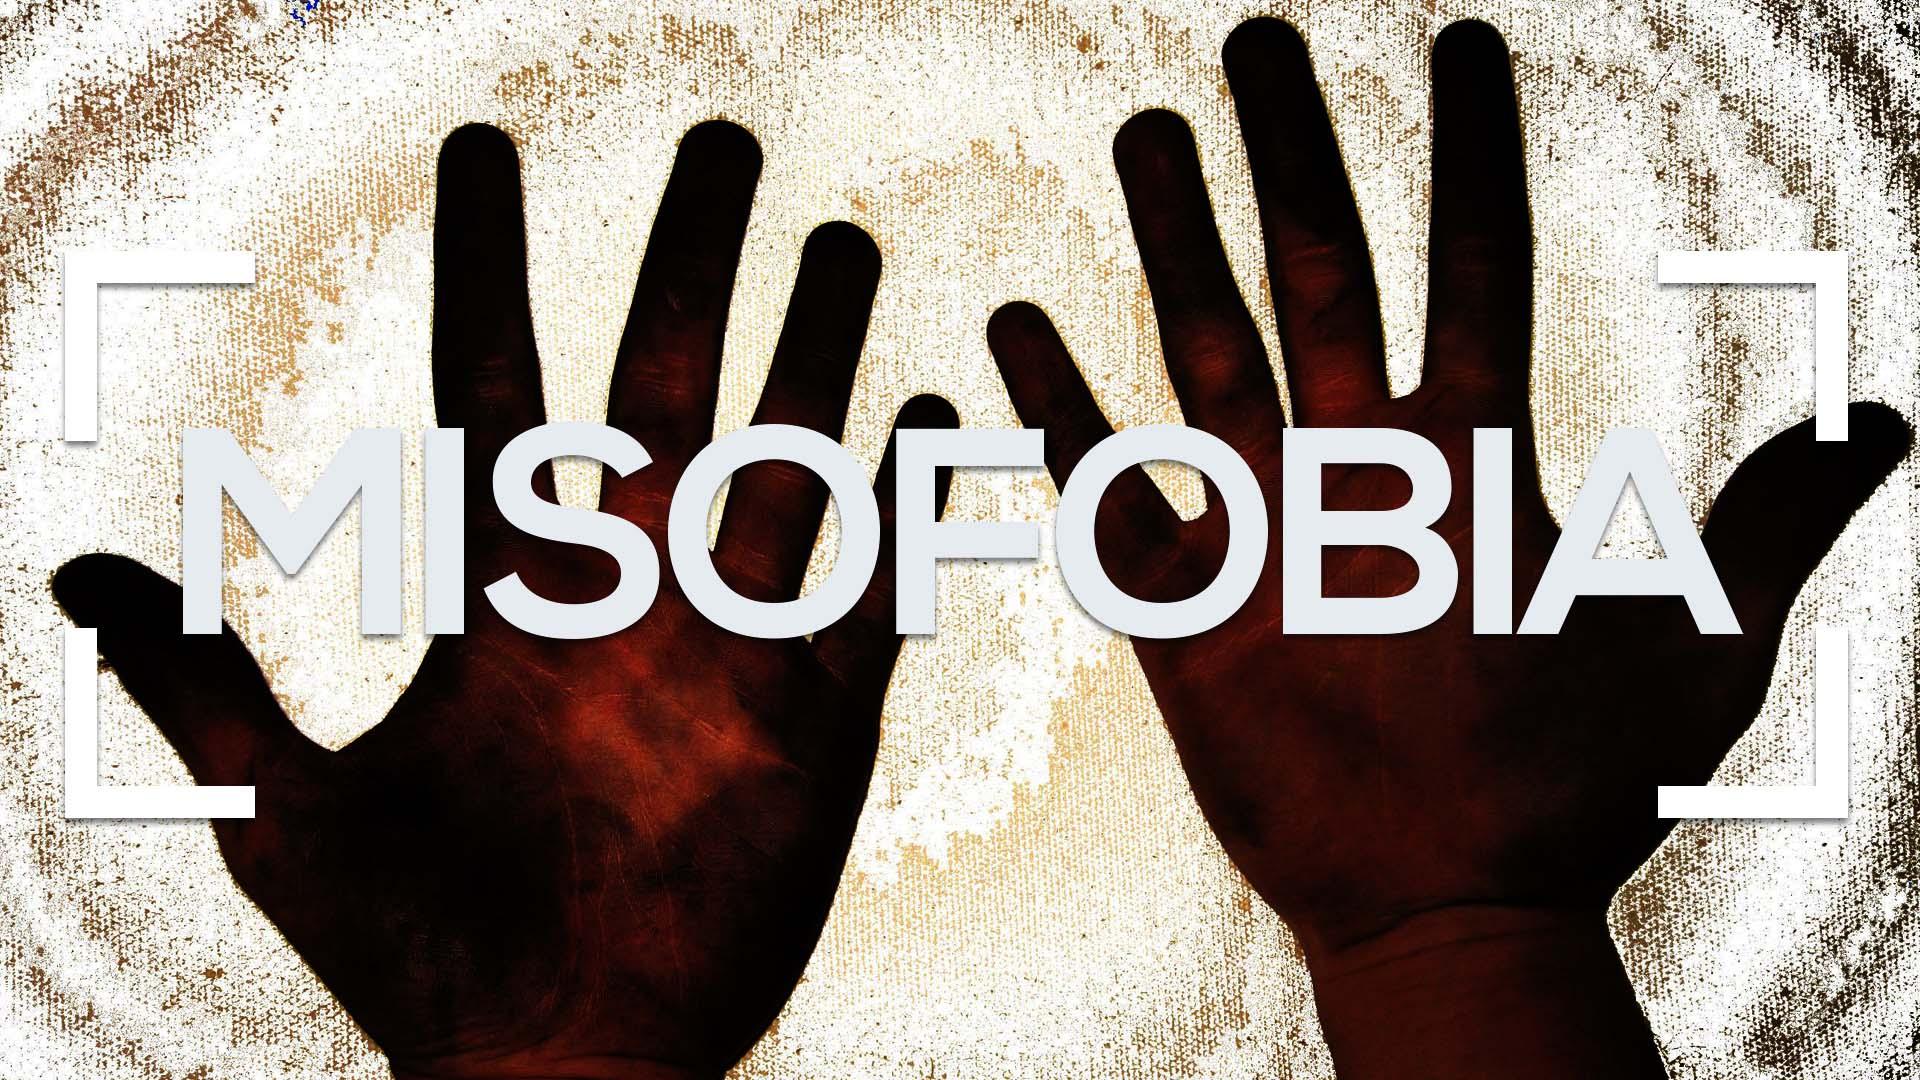 se muestran dos manos sucias y la palabra misofobia